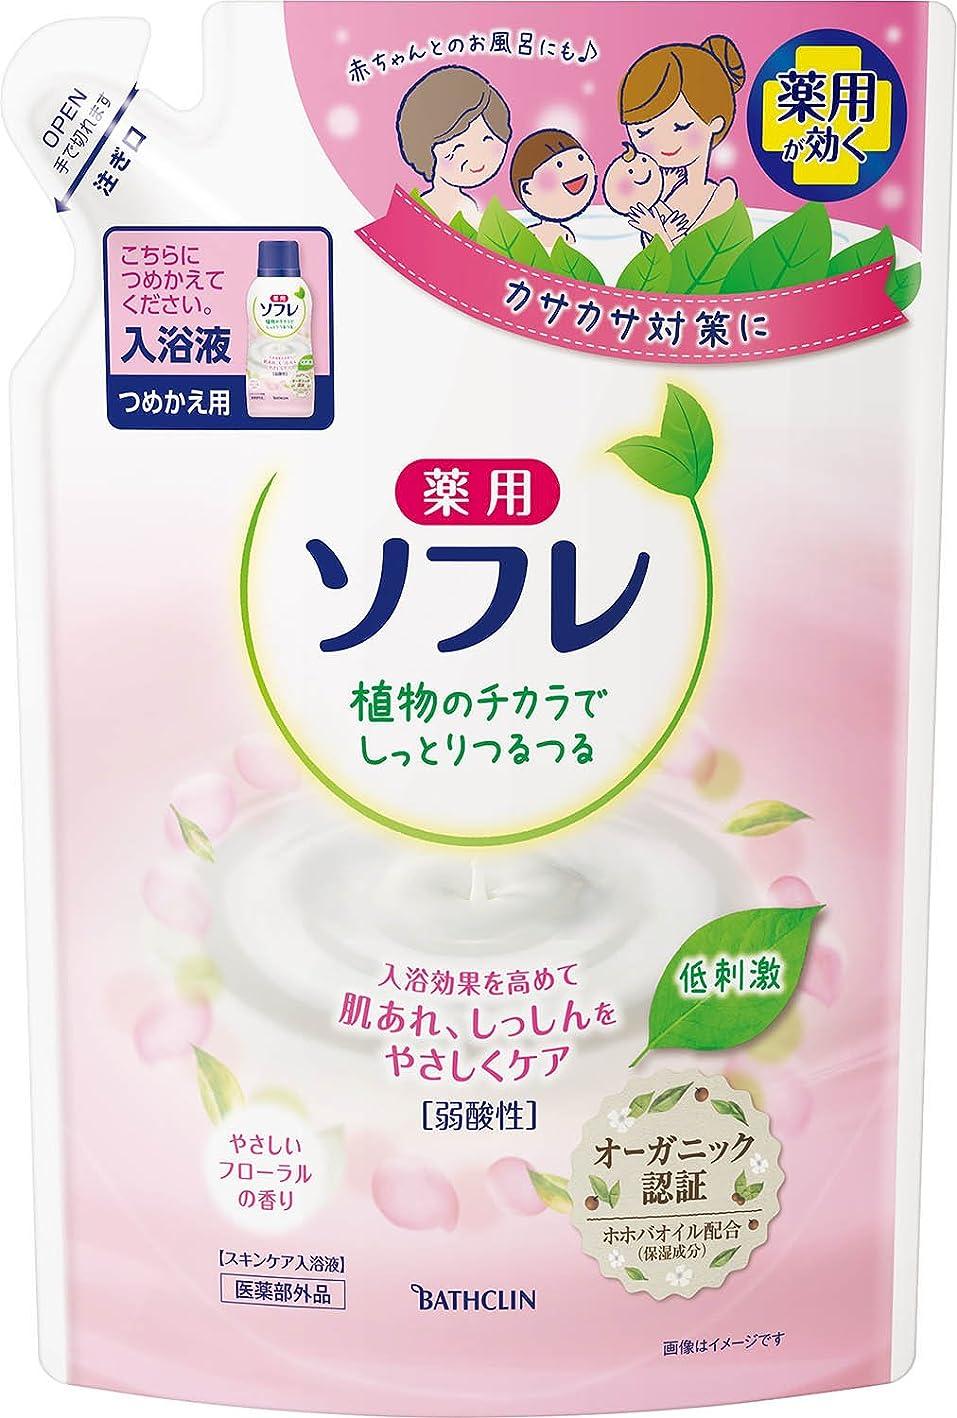 どっちその他寛解【医薬部外品】薬用ソフレ スキンケア入浴剤 やさしいフローラルの香り つめかえ用 600ml 入浴剤(赤ちゃんと一緒に使えます) 保湿タイプ